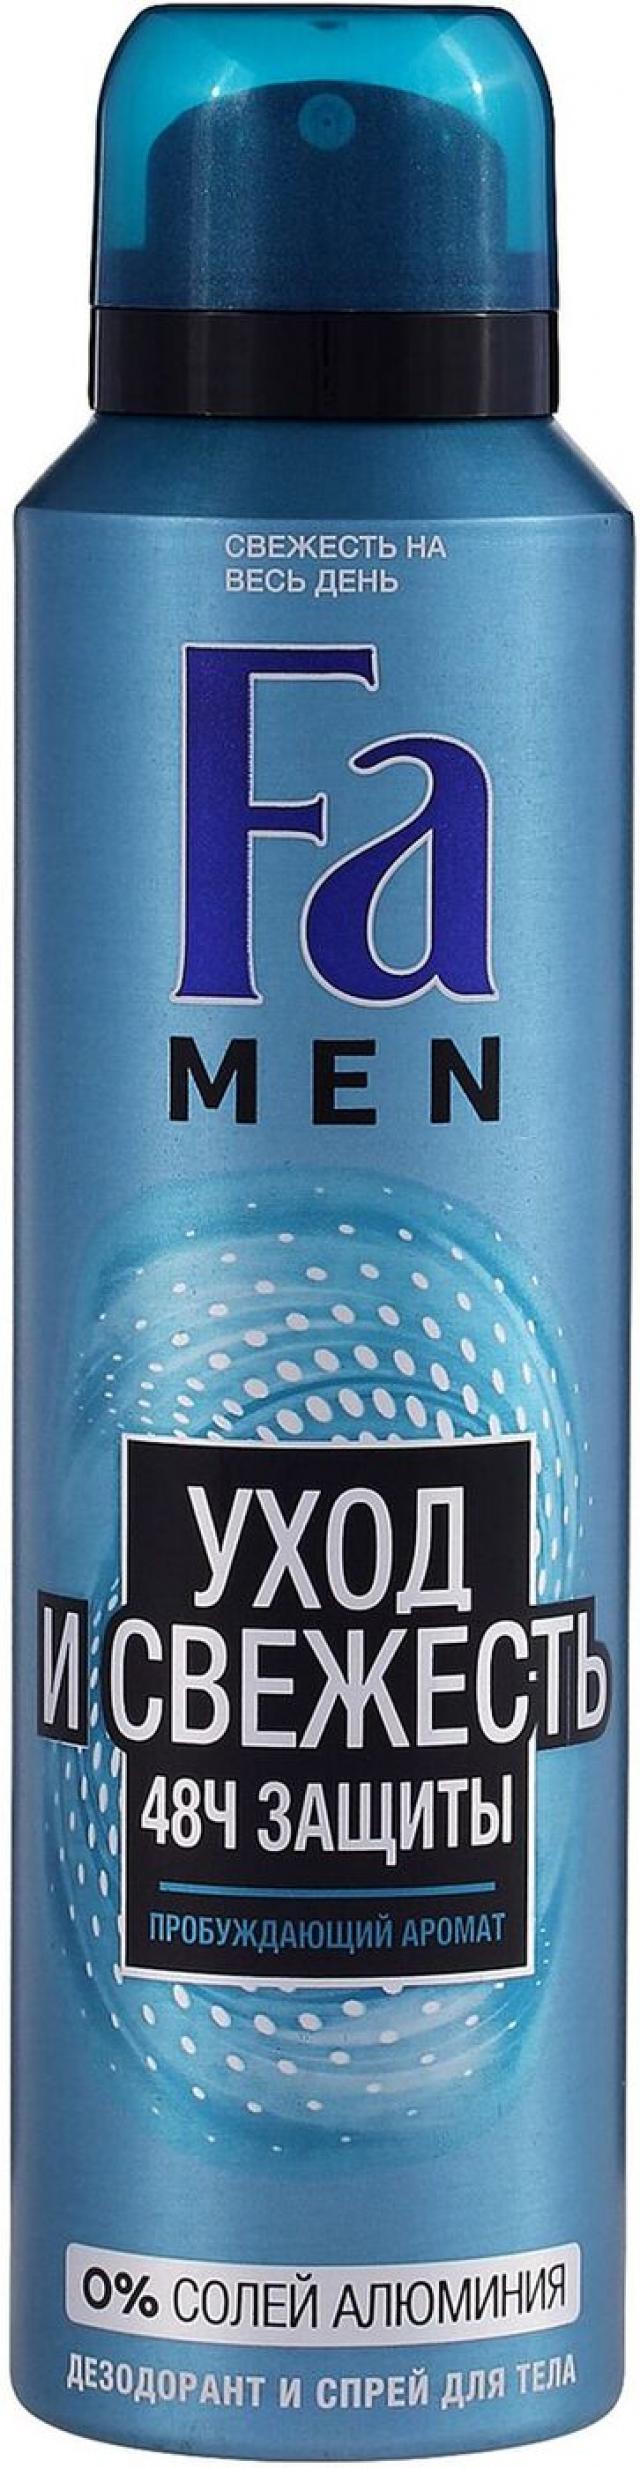 Фа Мен дезодорант-спрей Уход и свежесть 150мл купить в Москве по цене от 0 рублей